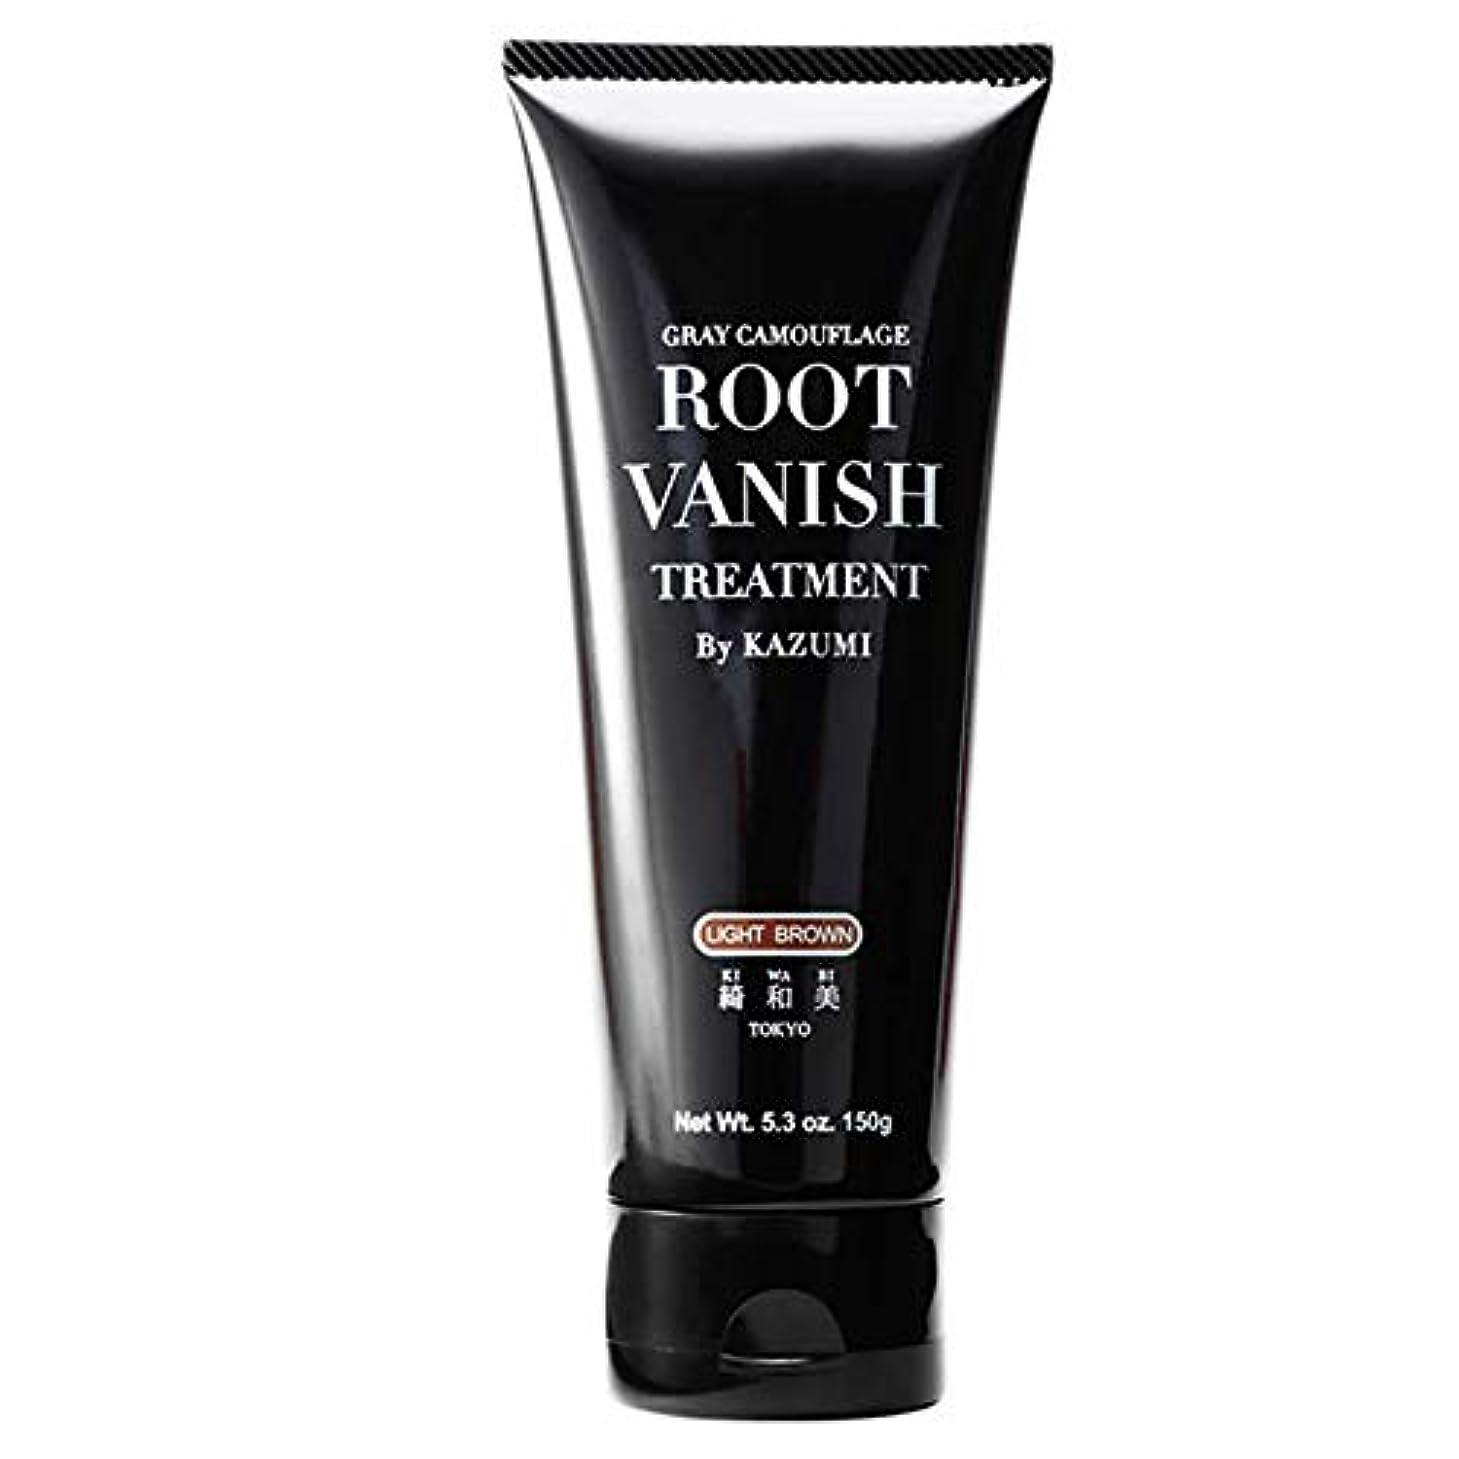 砲兵シロクマ楽しませるRoot Vanish 白髪染め (ライトブラウン) ヘアカラートリートメント 女性用 [100%天然成分 / 無添加22種類の植物エキス配合]